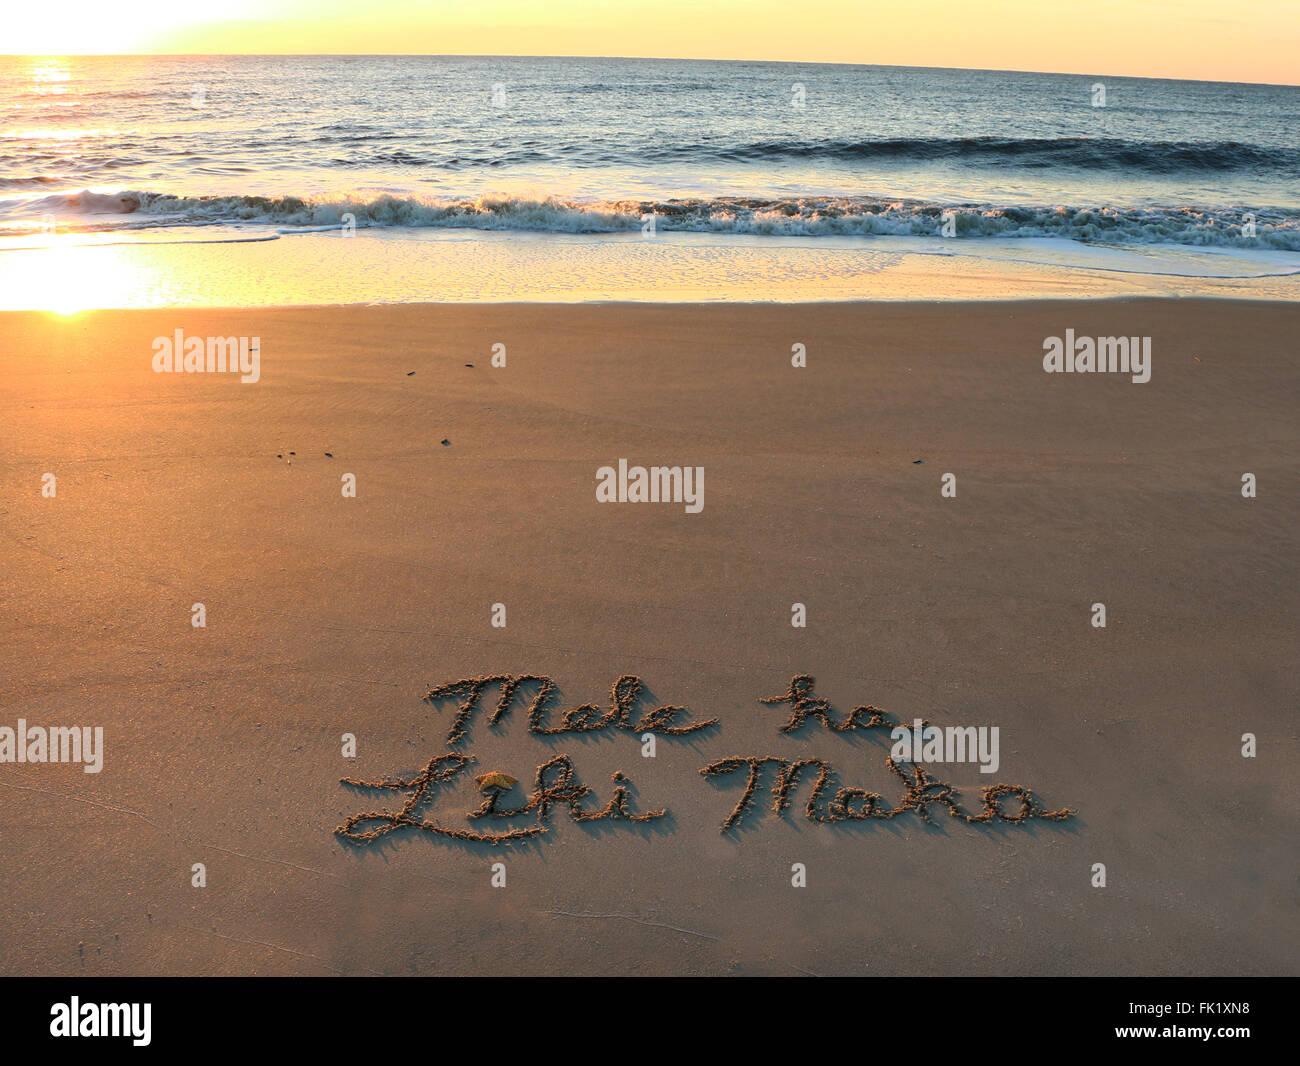 Frohe Weihnachten Hawaii.Mele Ka Liki Maka Bedeutet Frohe Weihnachten In Hawaii Stockfoto